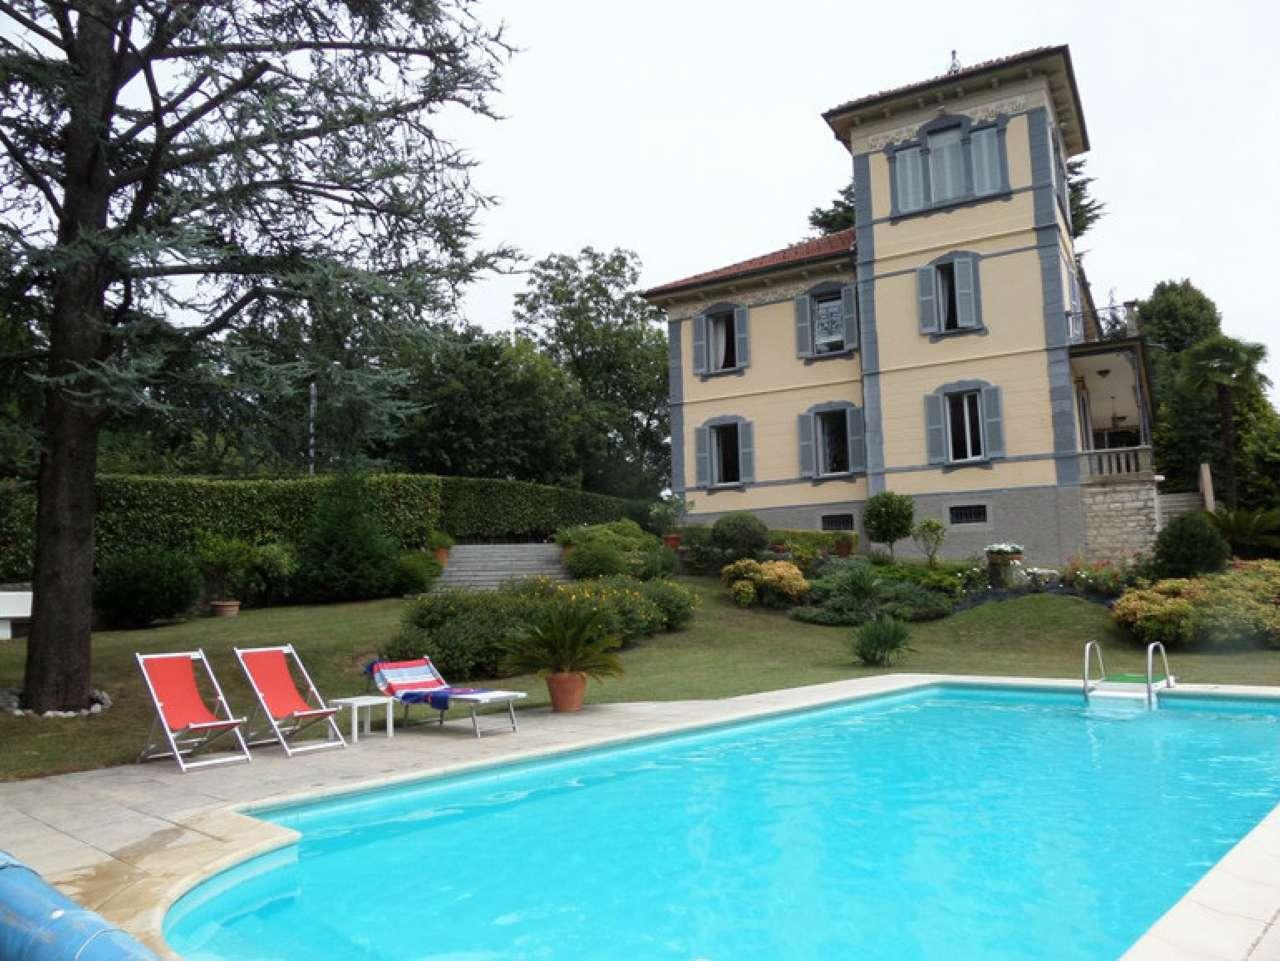 Villa in vendita a Viggiù, 9 locali, prezzo € 1.260.000 | CambioCasa.it